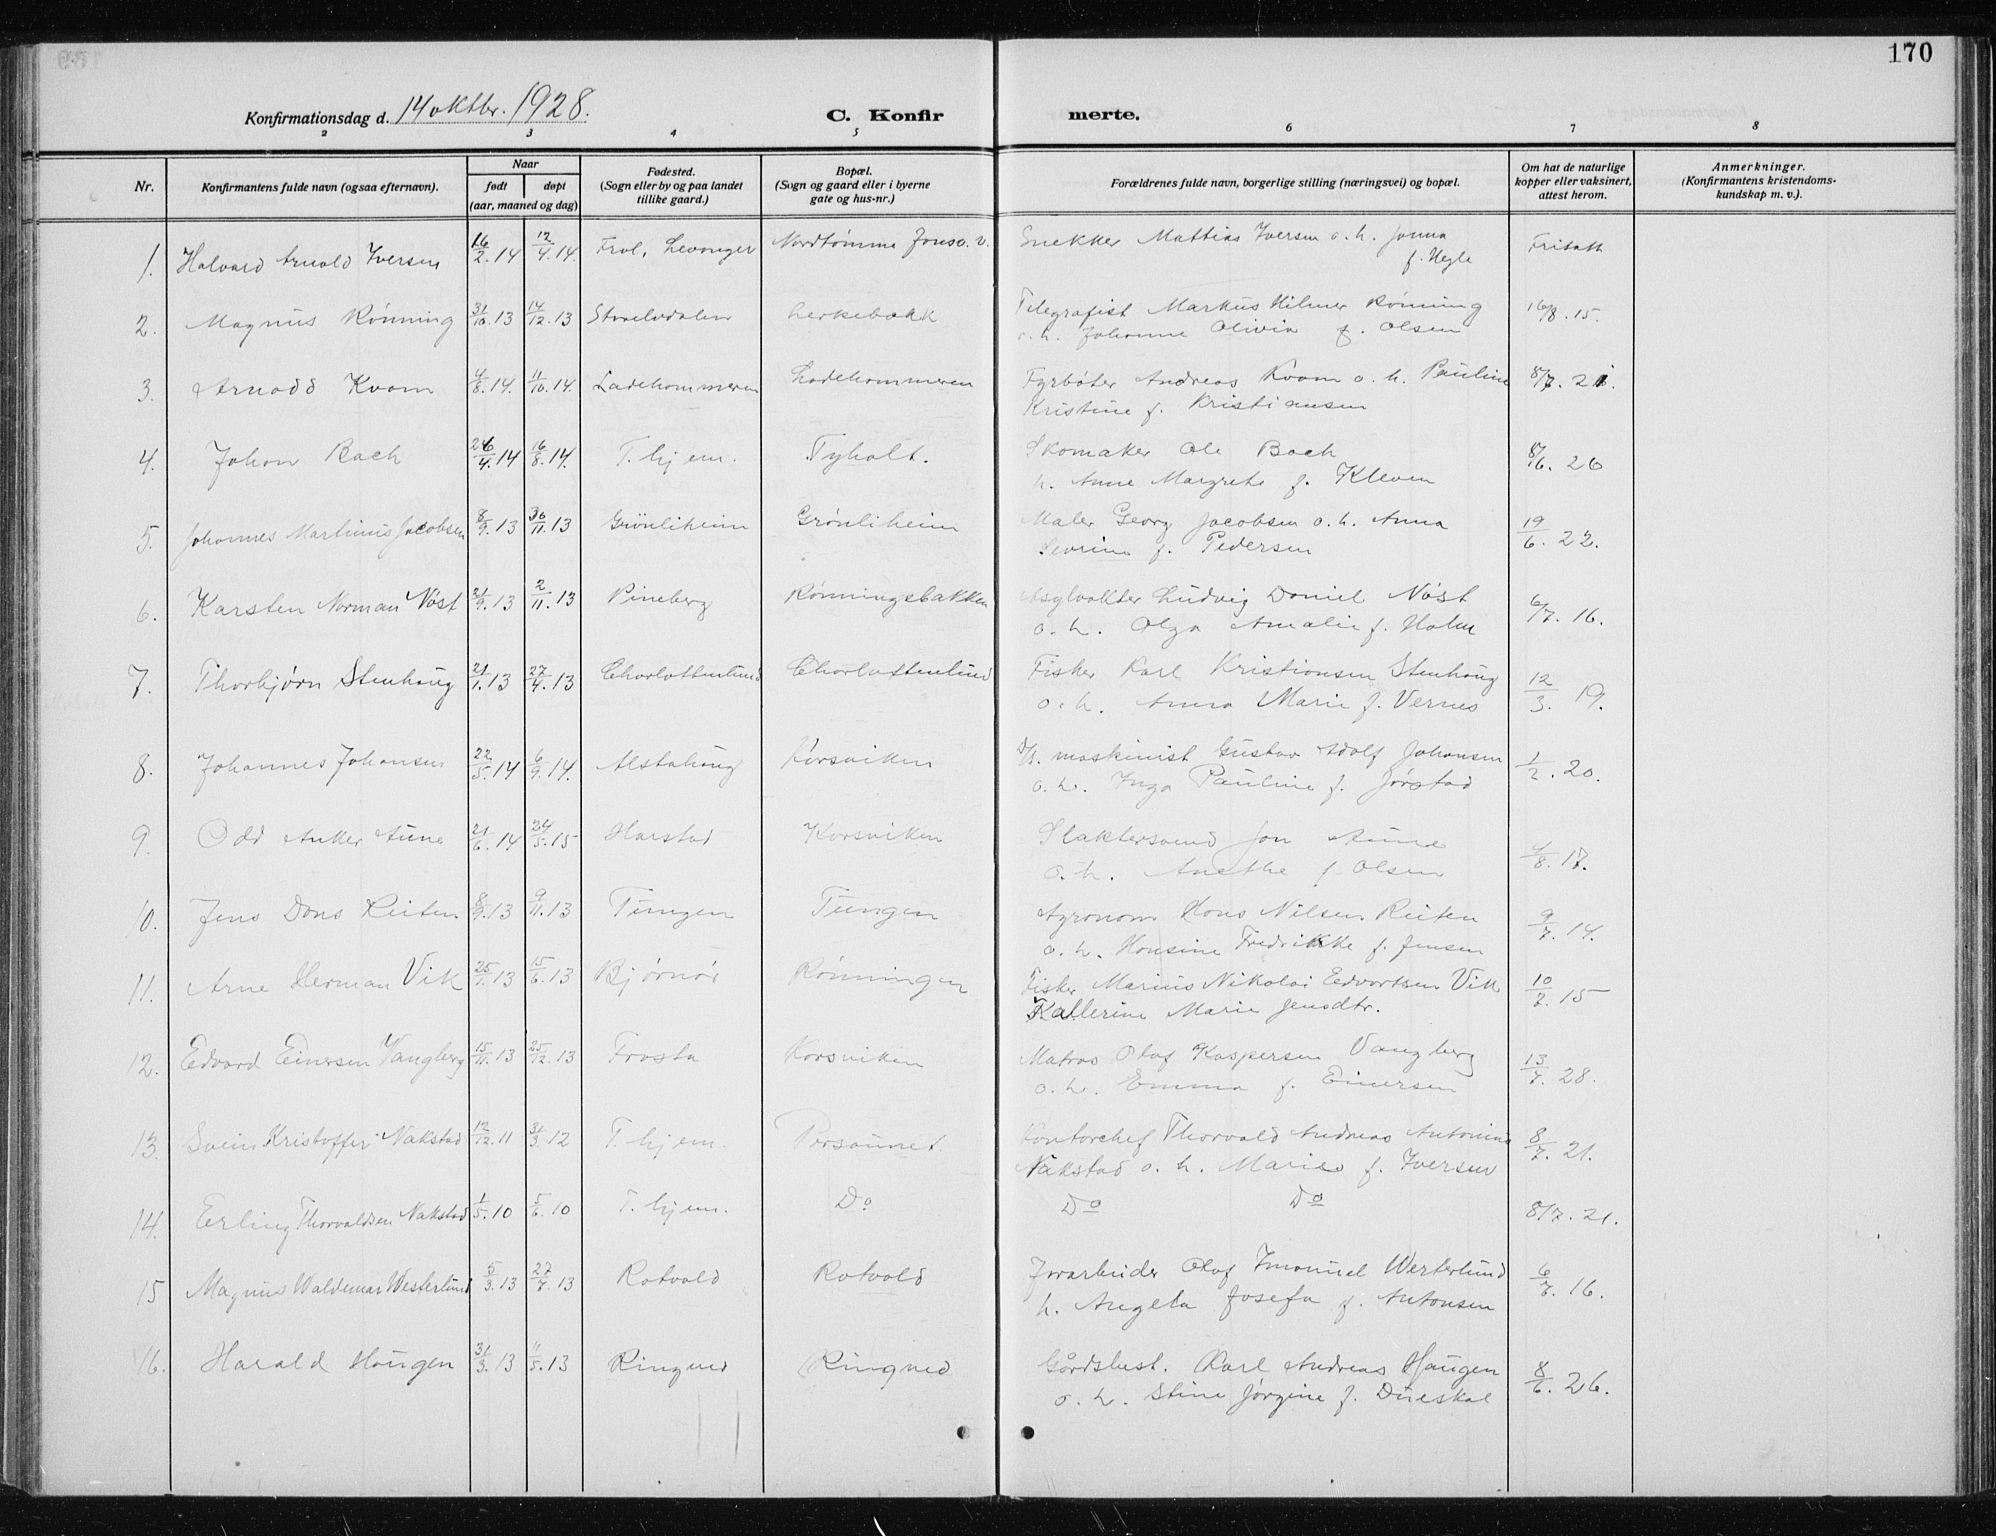 SAT, Ministerialprotokoller, klokkerbøker og fødselsregistre - Sør-Trøndelag, 606/L0314: Klokkerbok nr. 606C10, 1911-1937, s. 170